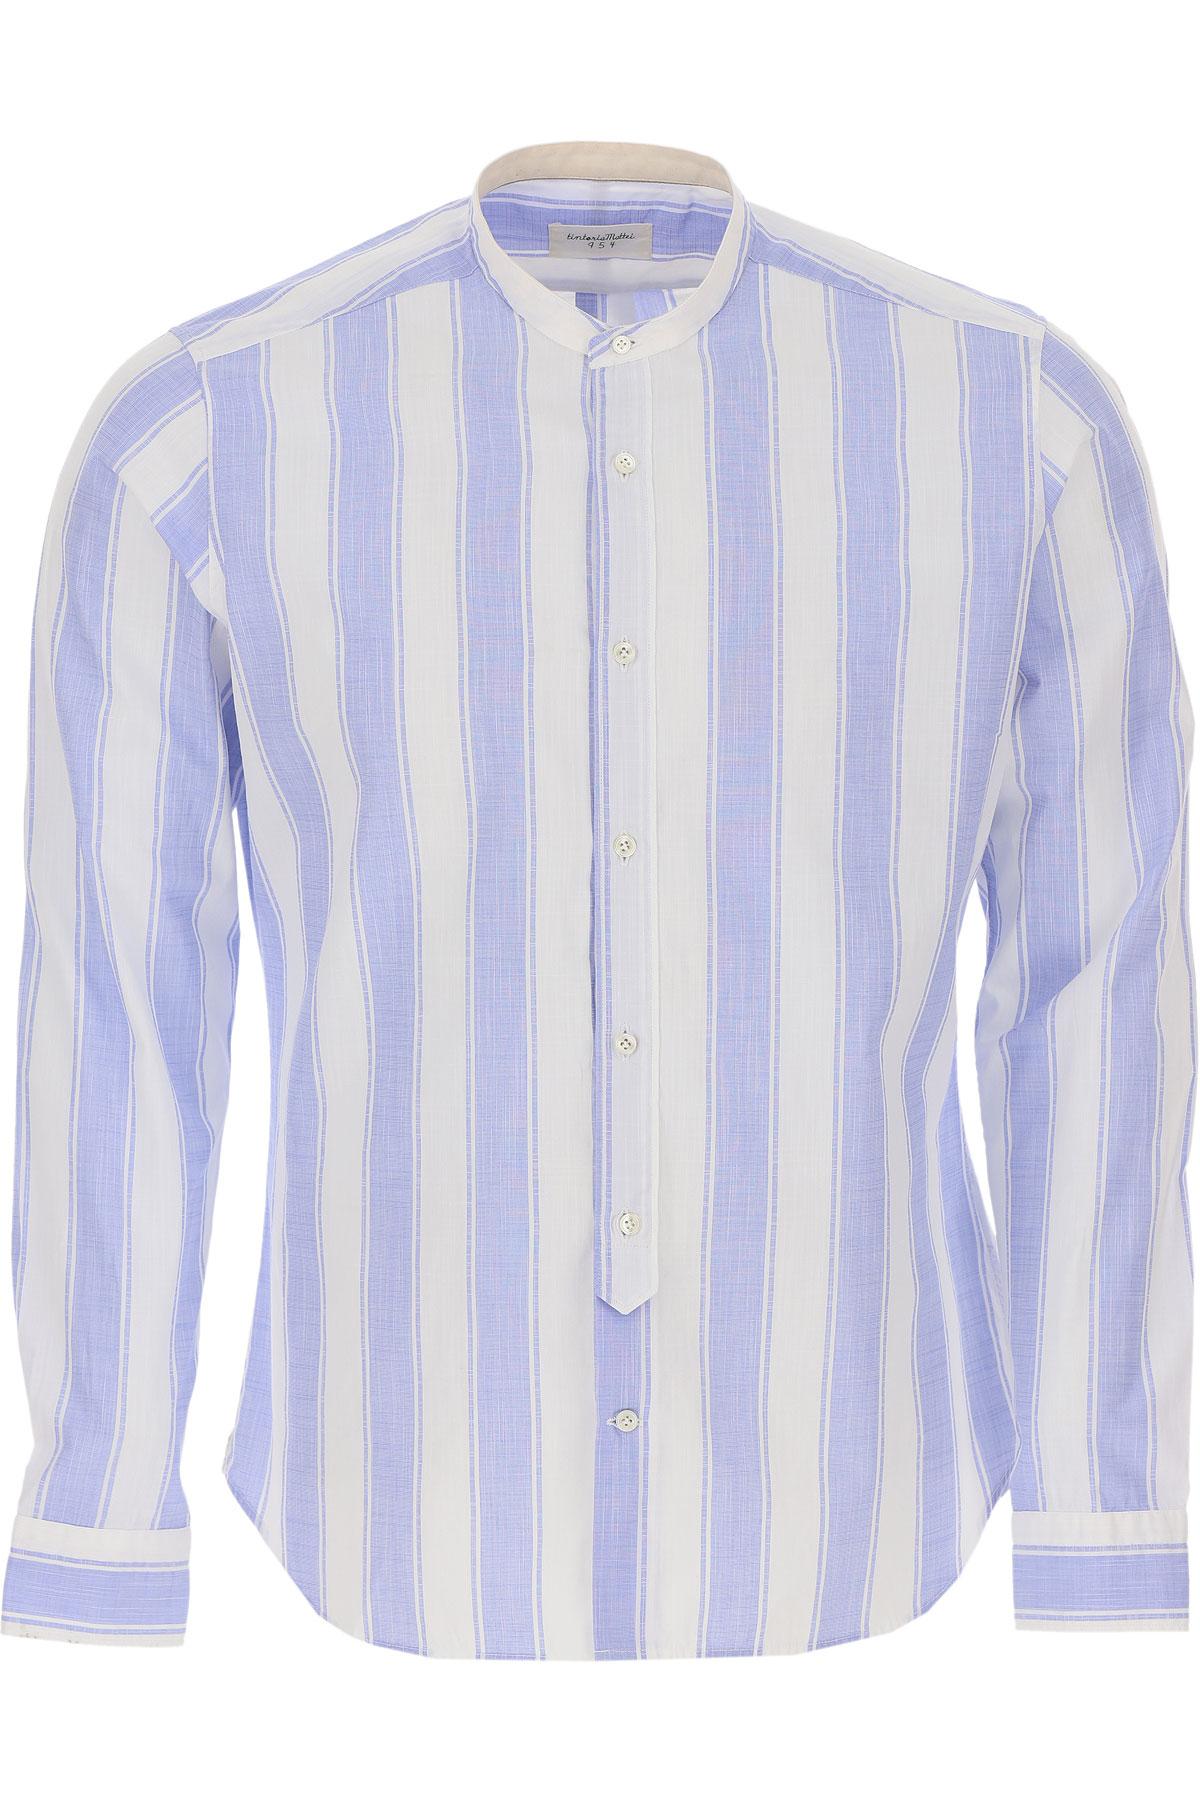 Tintoria Mattei 954 Shirt for Men On Sale, White, Cotton, 2019, 15.5 15.75 16 16.5 17